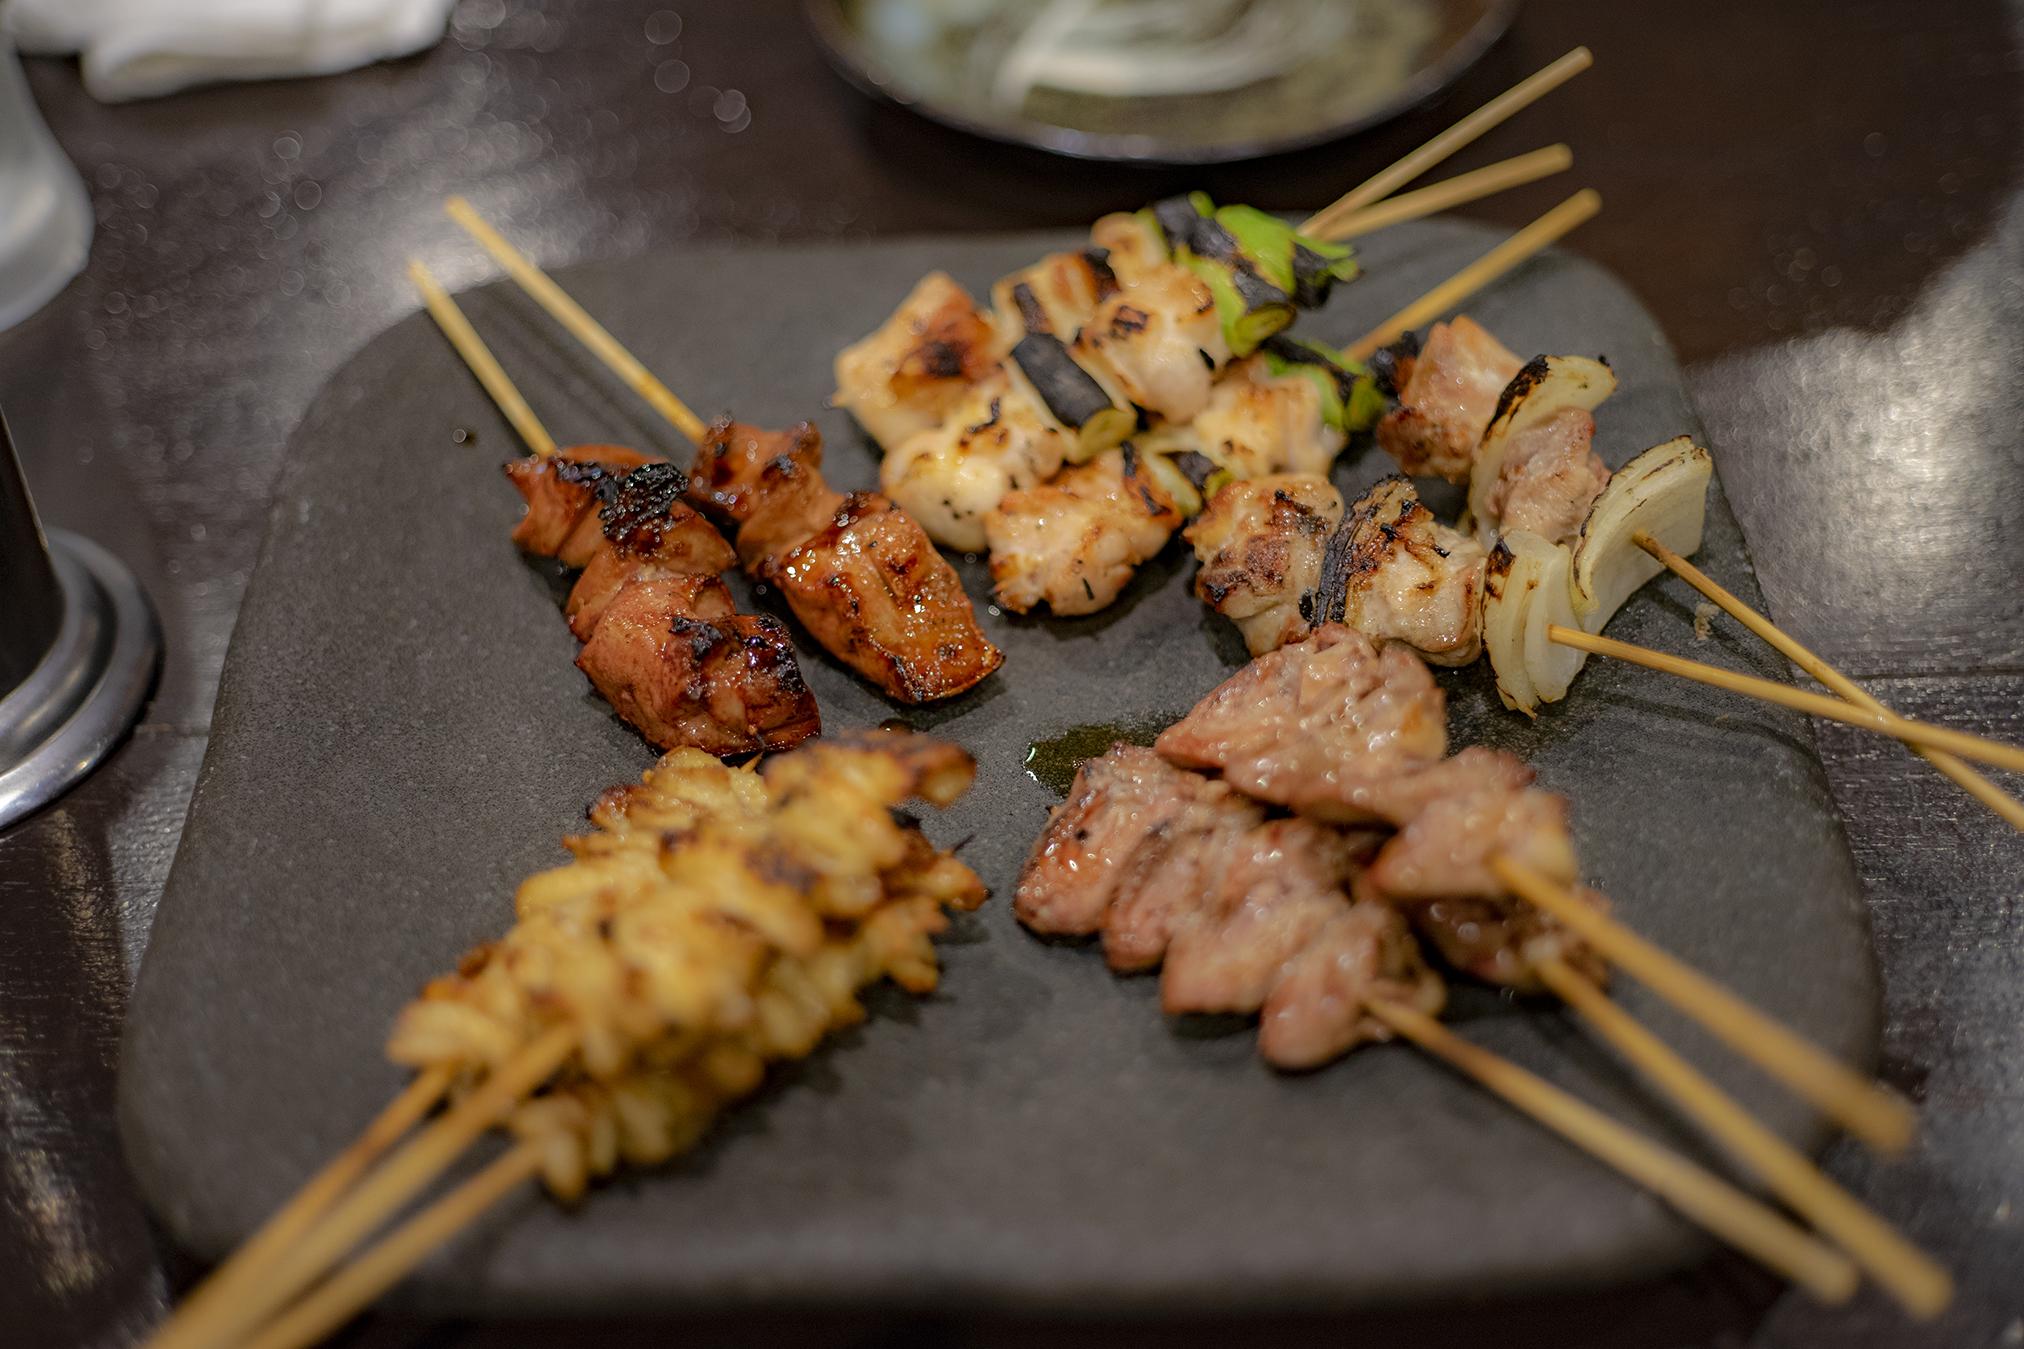 備長炭やきとり美味美味(うまうま)寺井町本店で焼き鳥とラーメンを晩ご飯として食べる。